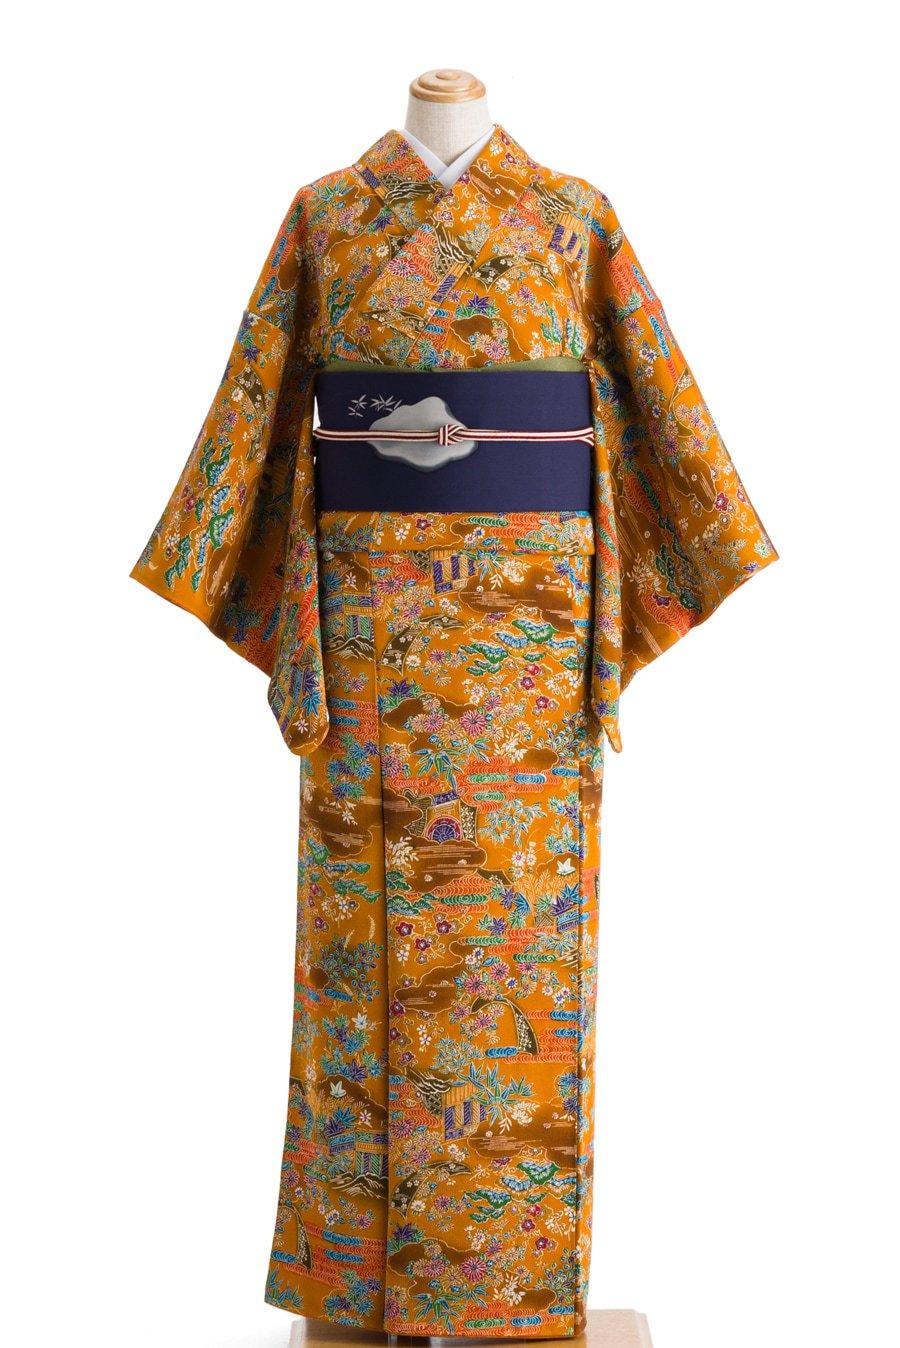 「源氏車と秋草など」の商品画像